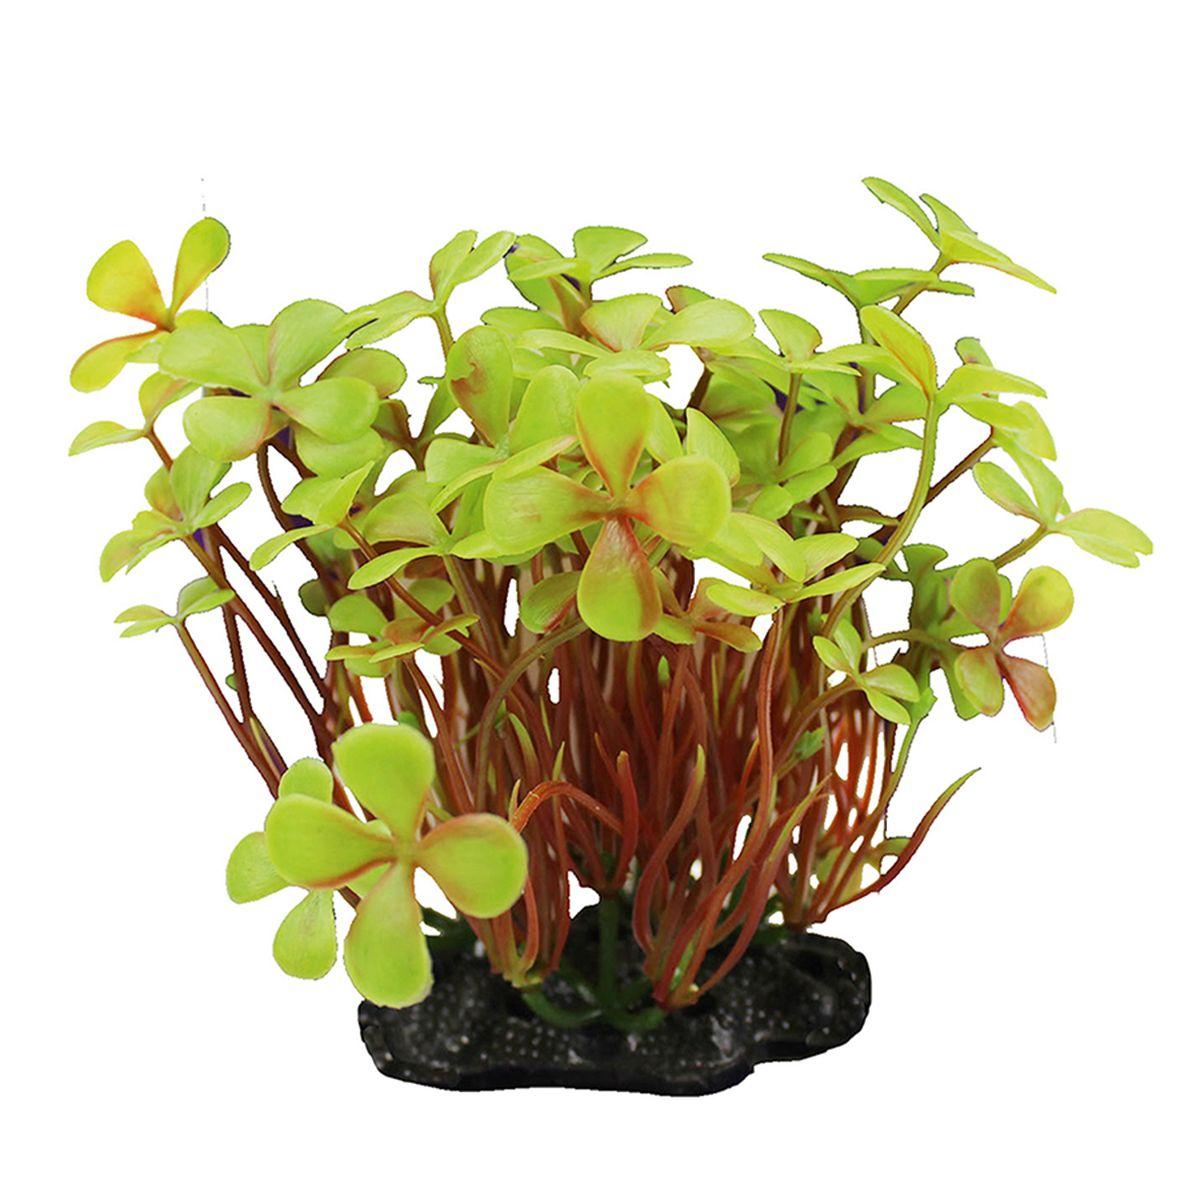 Растение для аквариума ArtUniq Марсилия желтая, высота 10-12 см12171996Растение для аквариума ArtUniq Марсилия желтая, высота 10-12 см